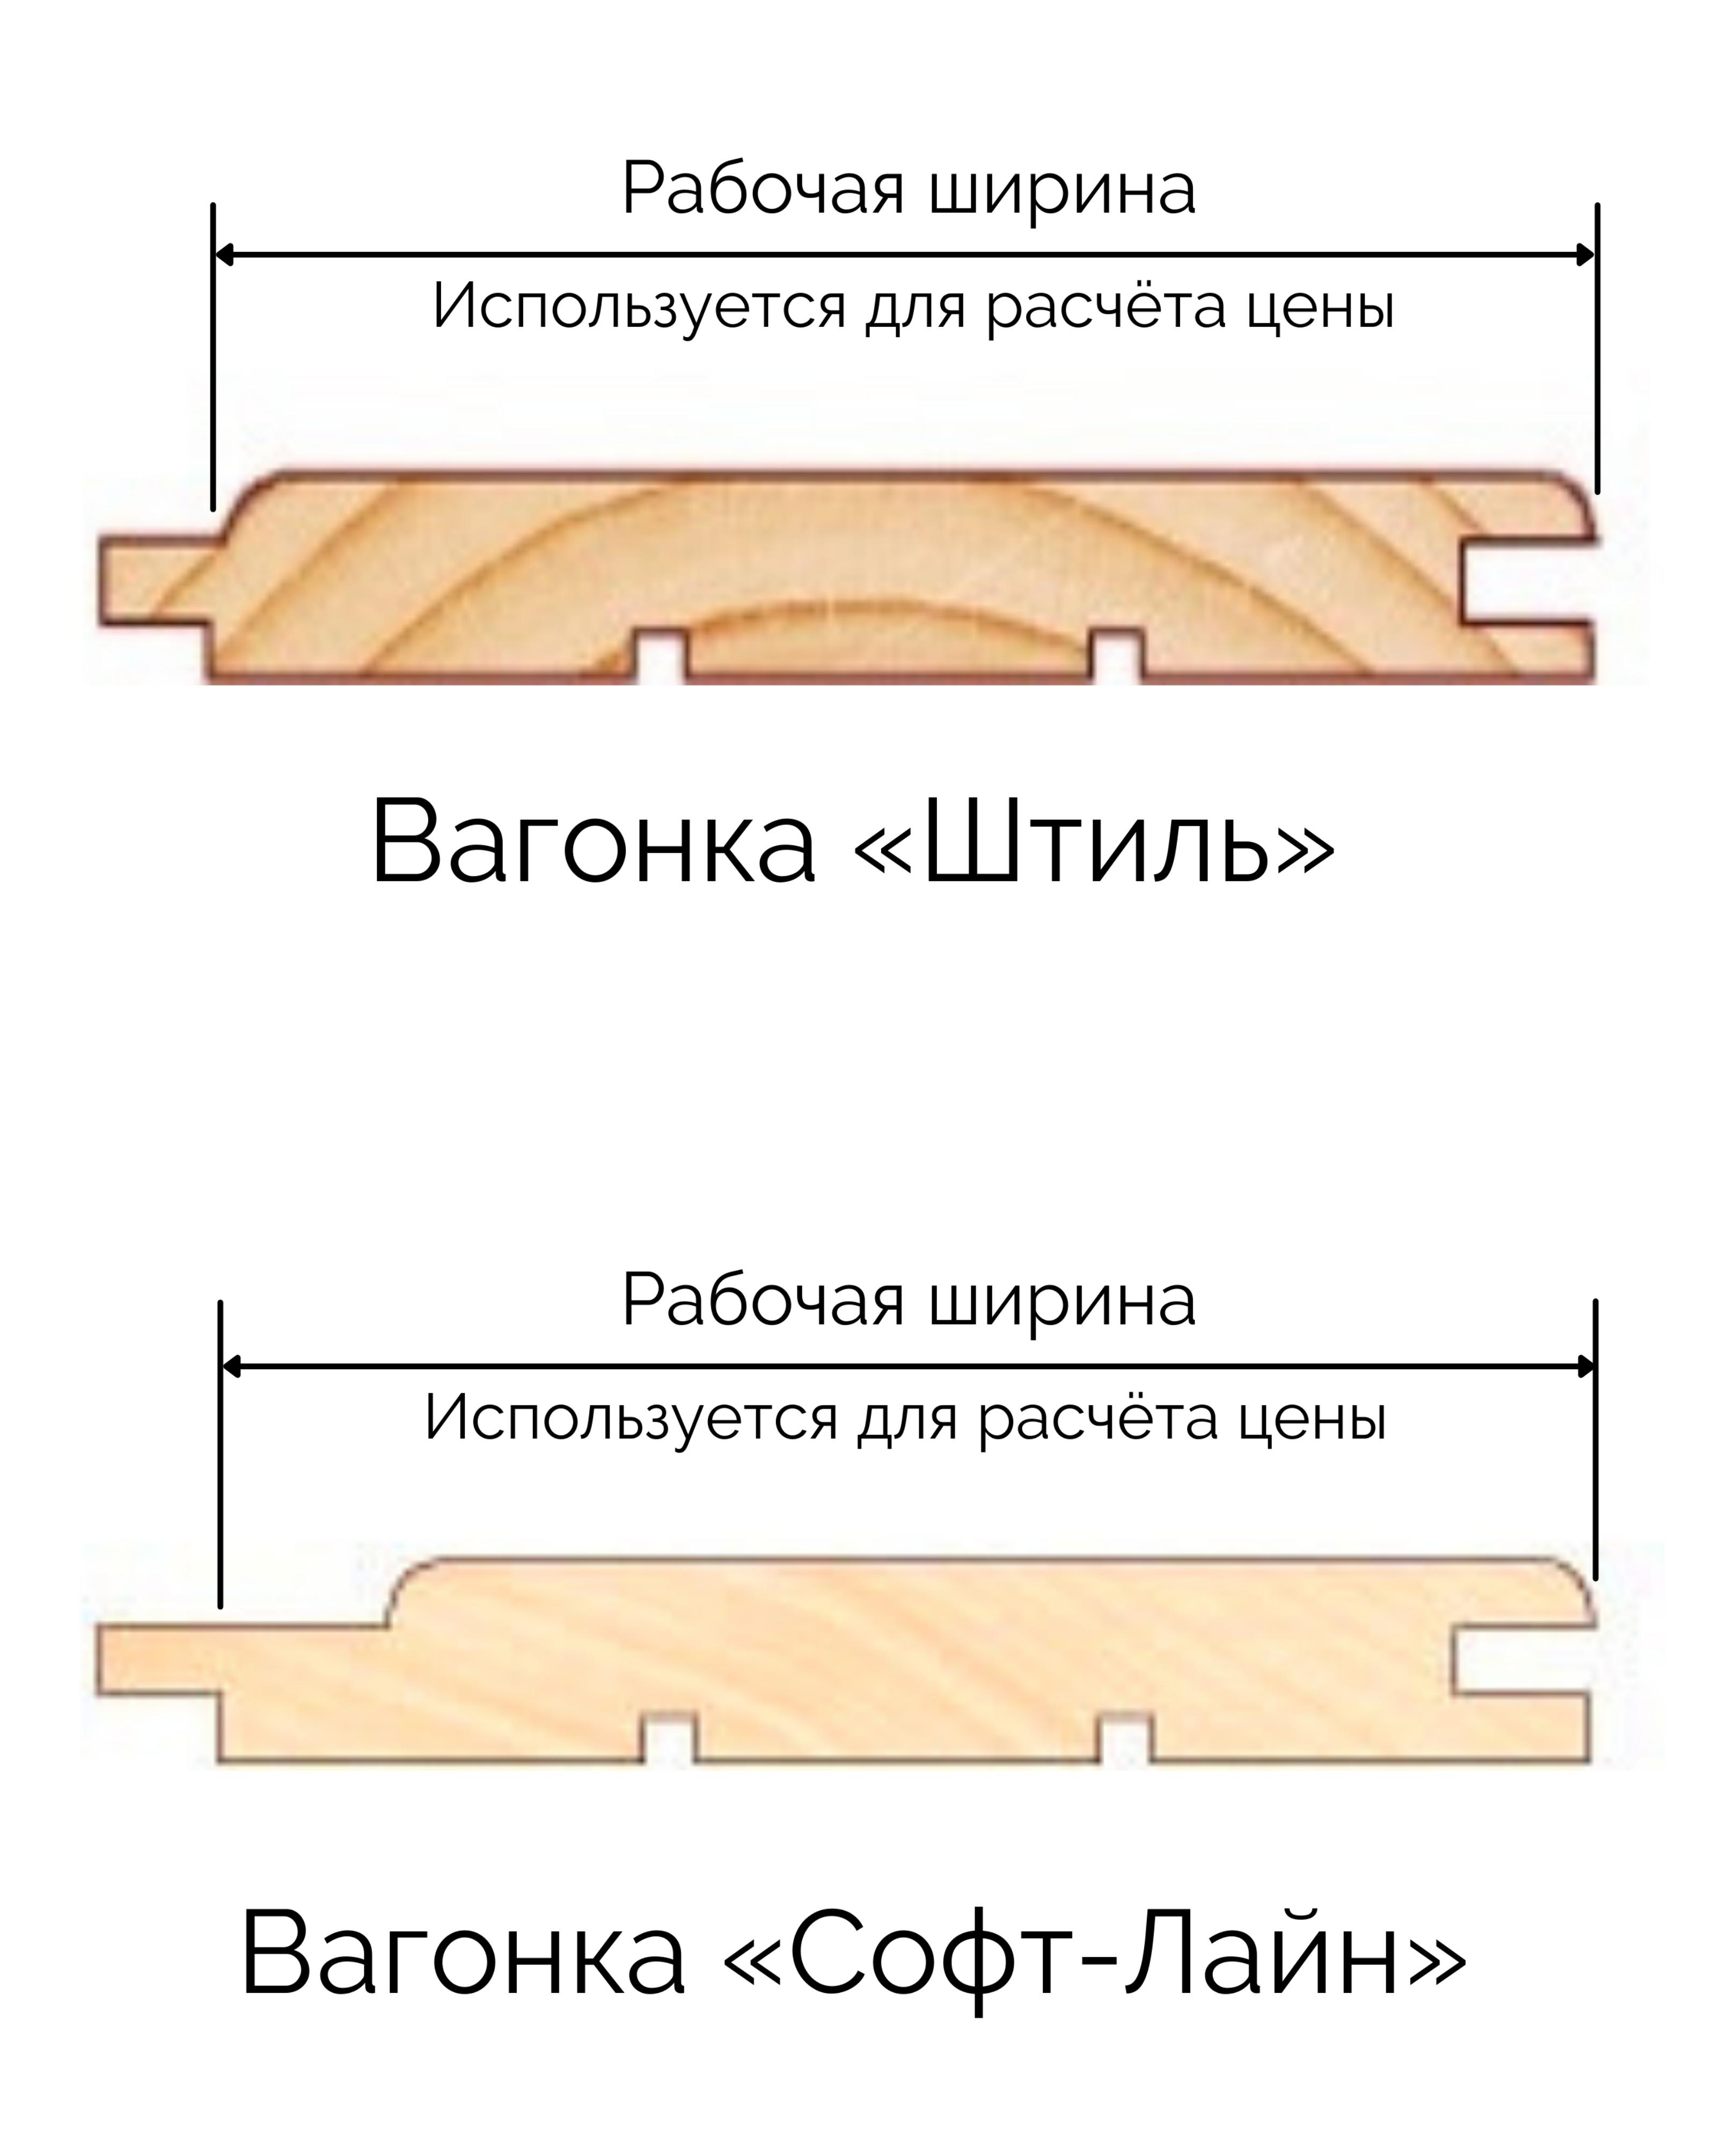 Вагонка из лиственницы профиль